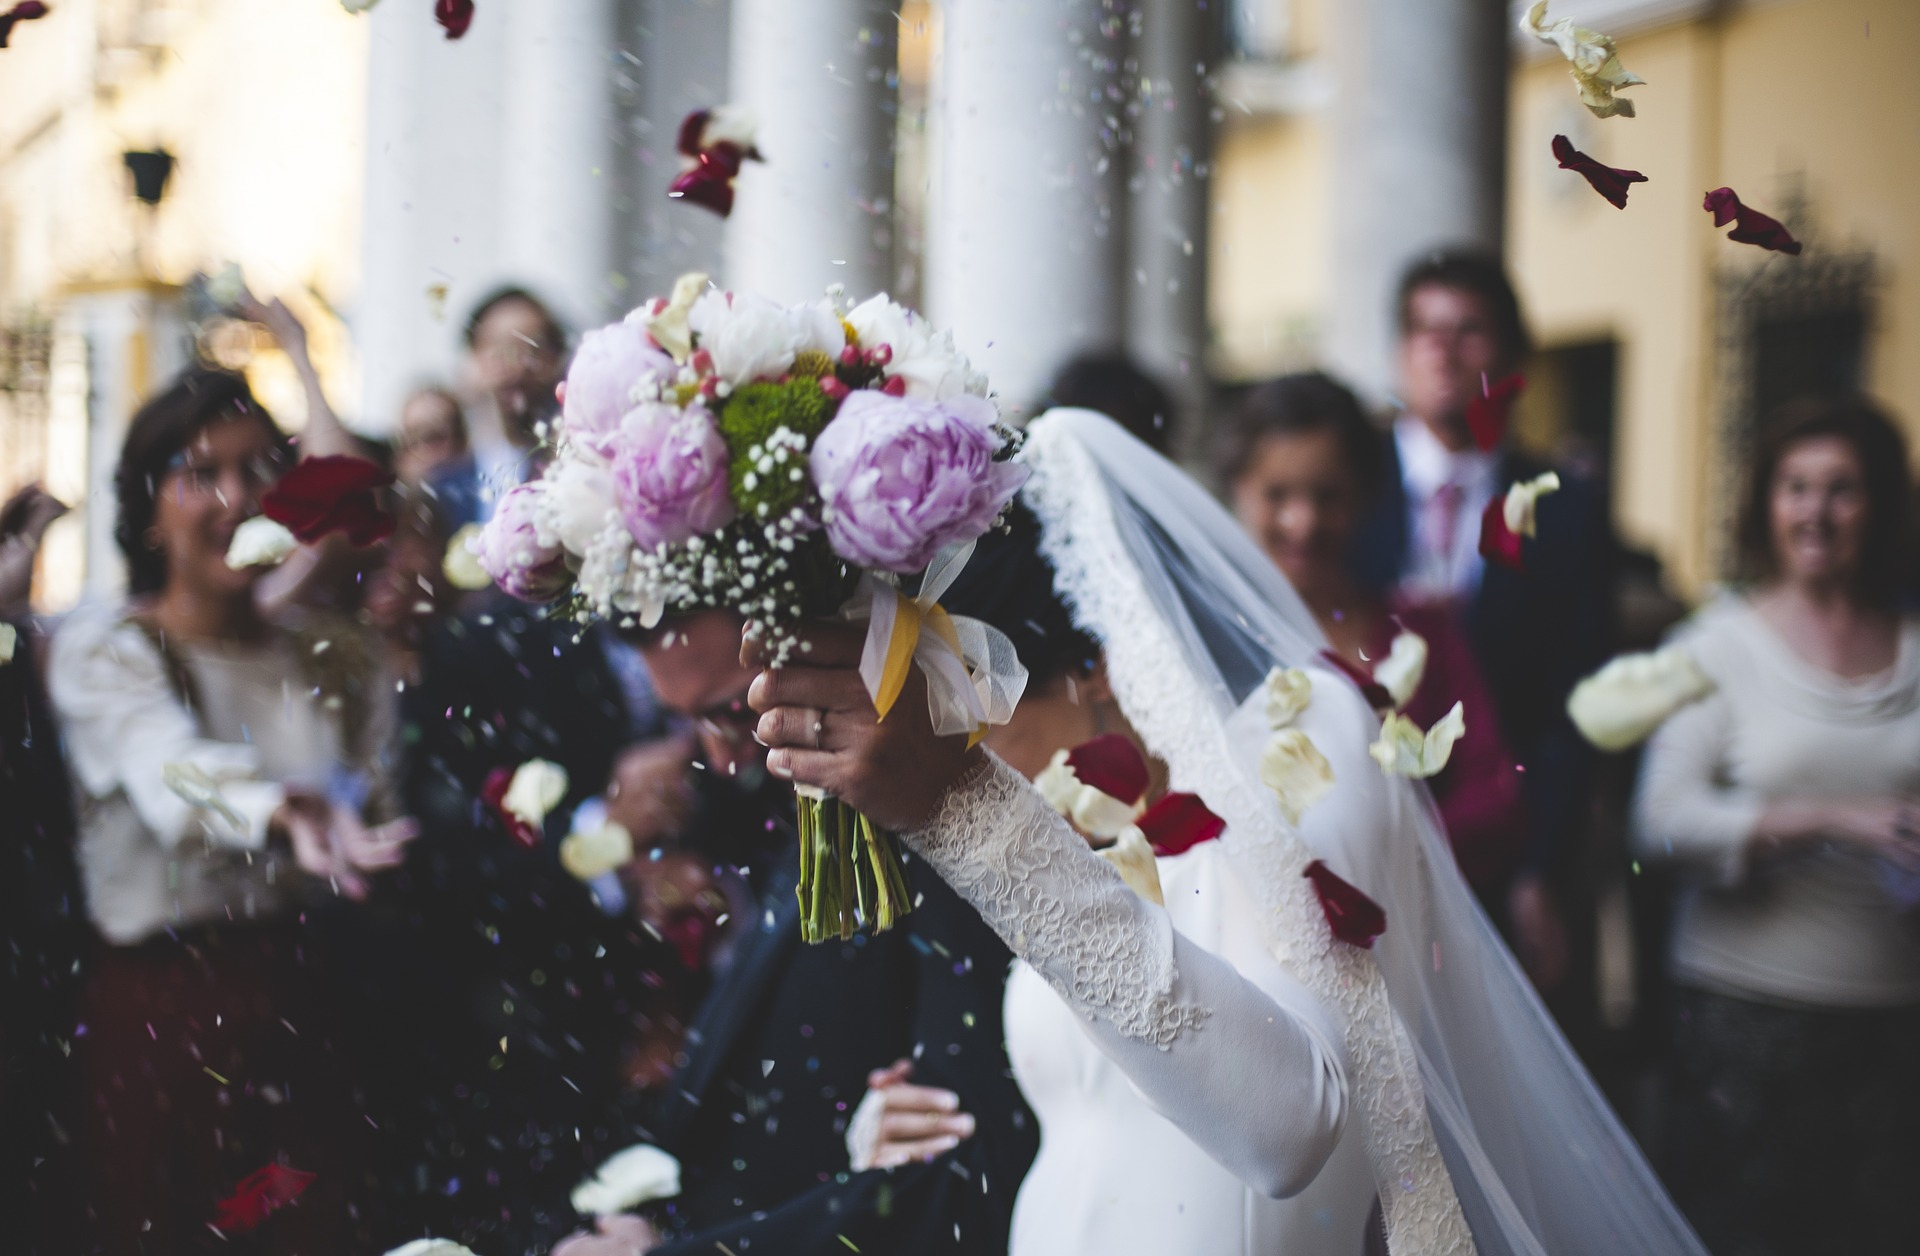 Poradnik ślubny - czy para młoda ma obowiązek zapłacić za nocleg, wręczyć osobiście zaproszenia i kupić pożegnalny prezent?